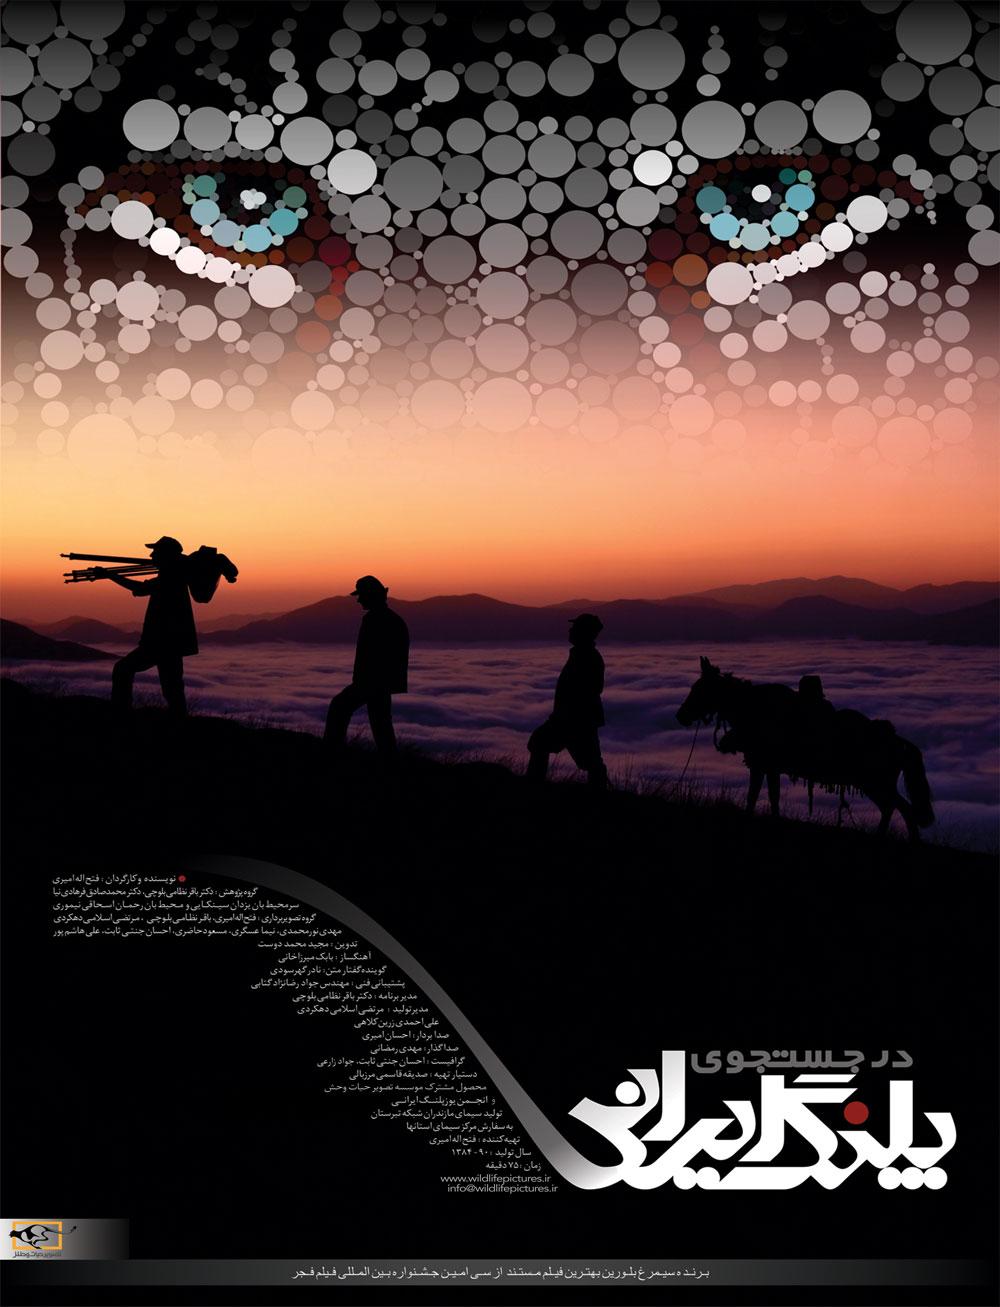 پوستر در جستجوی پلنگ ایرانی